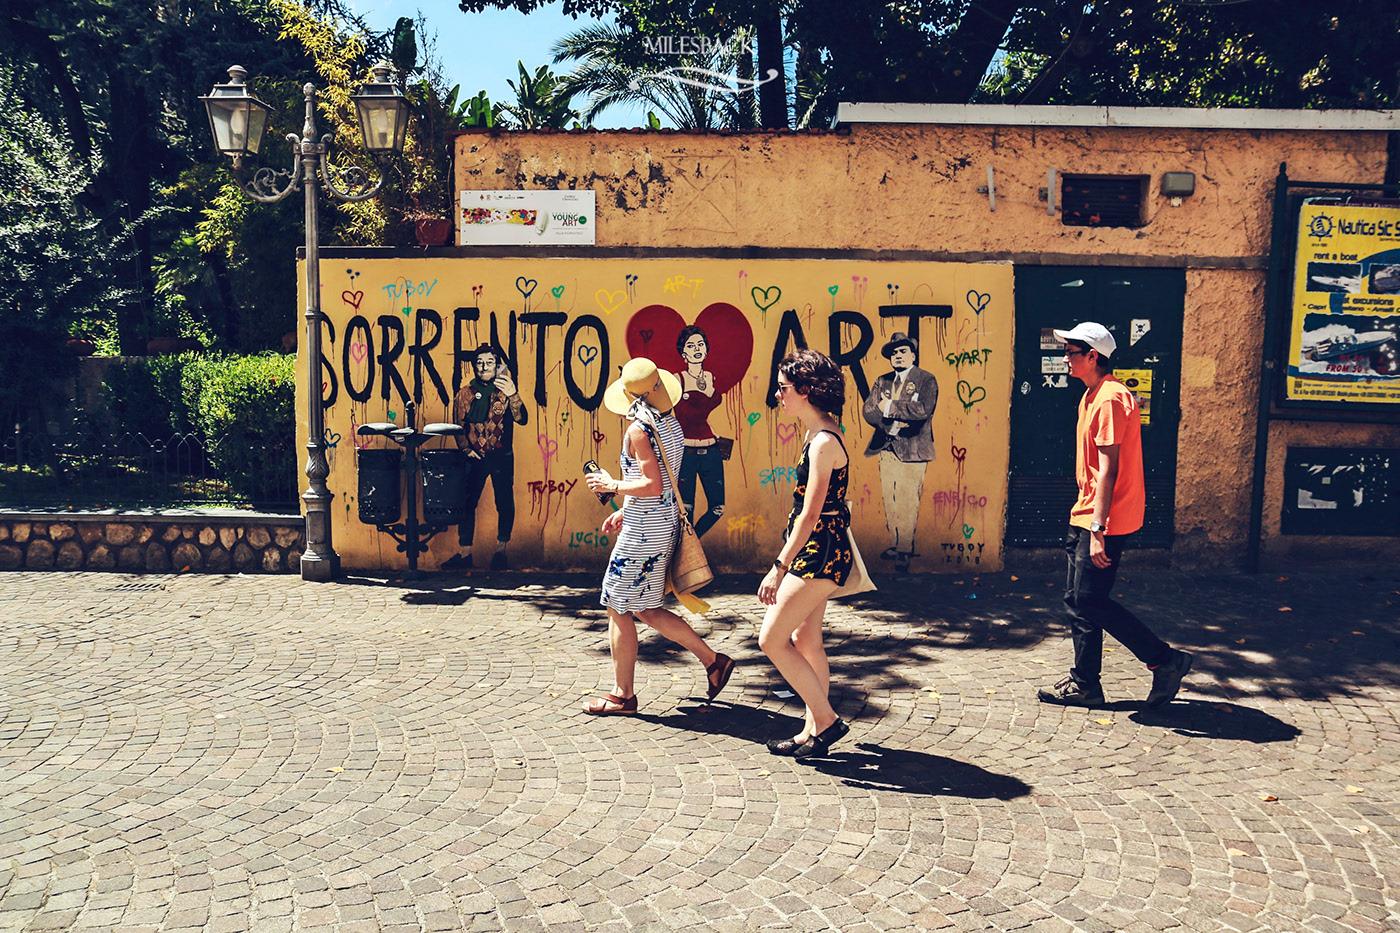 Kampania, co zobaczyć w Kampanii, co zjeść w Neapolu, campania artecard, co to jest campania artecard, gdzie kupić campania artecard, transport w Neapolu, metro w Neapolu, komunikacja miejska w Neapolu